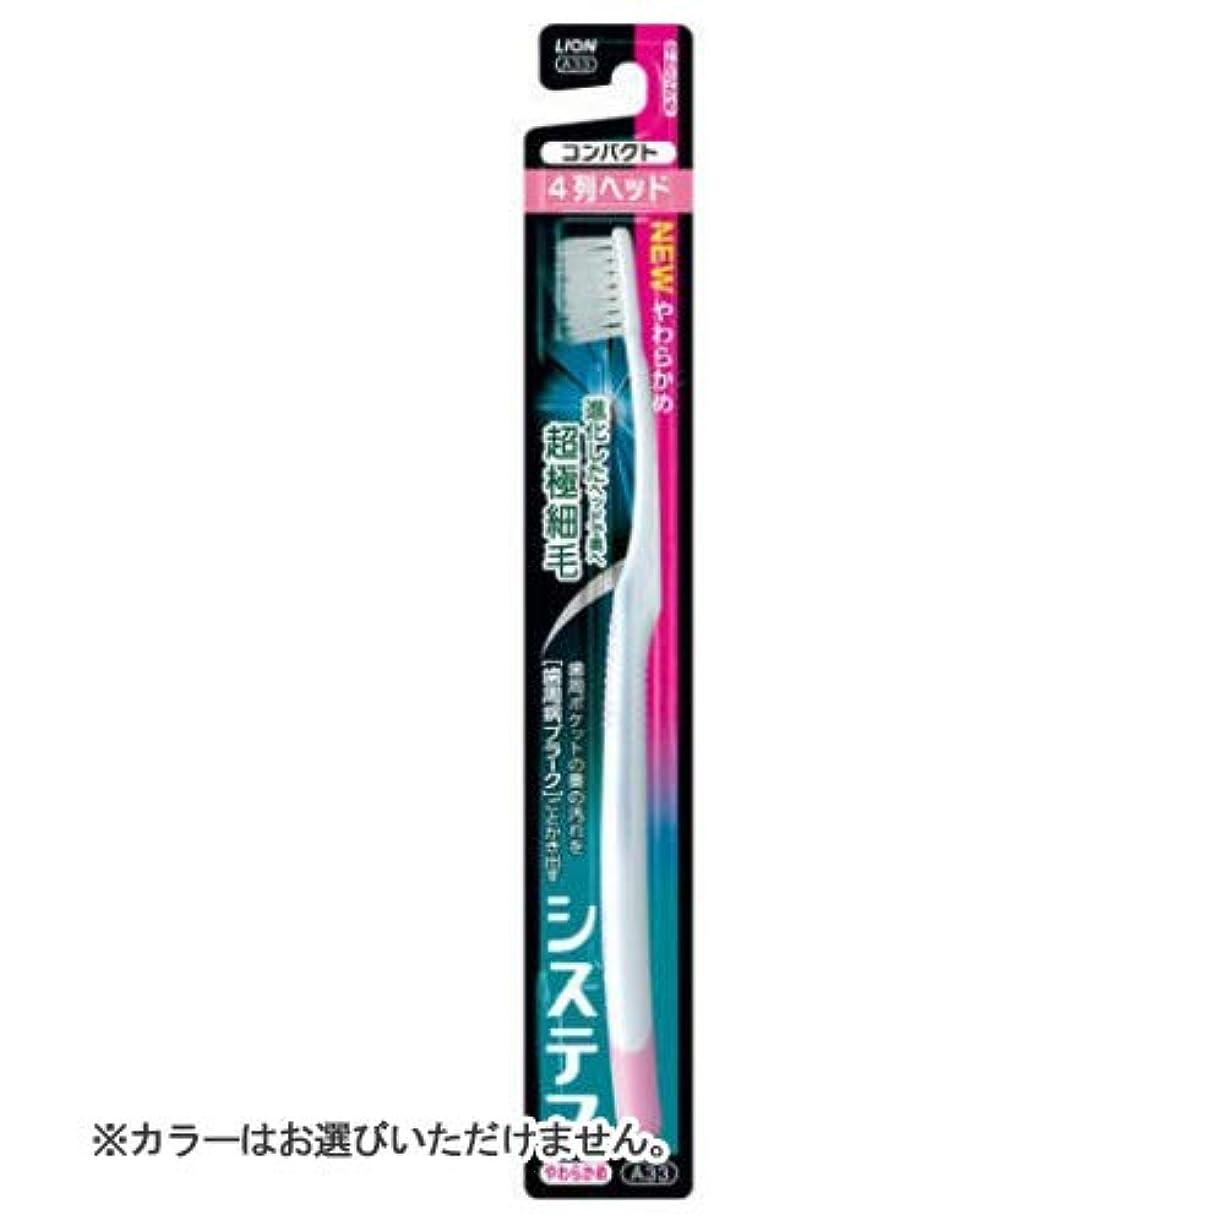 パーチナシティ洞察力のある枝ライオン システマ ハブラシ コンパクト4列 やわらかめ (1本) 大人用 歯ブラシ